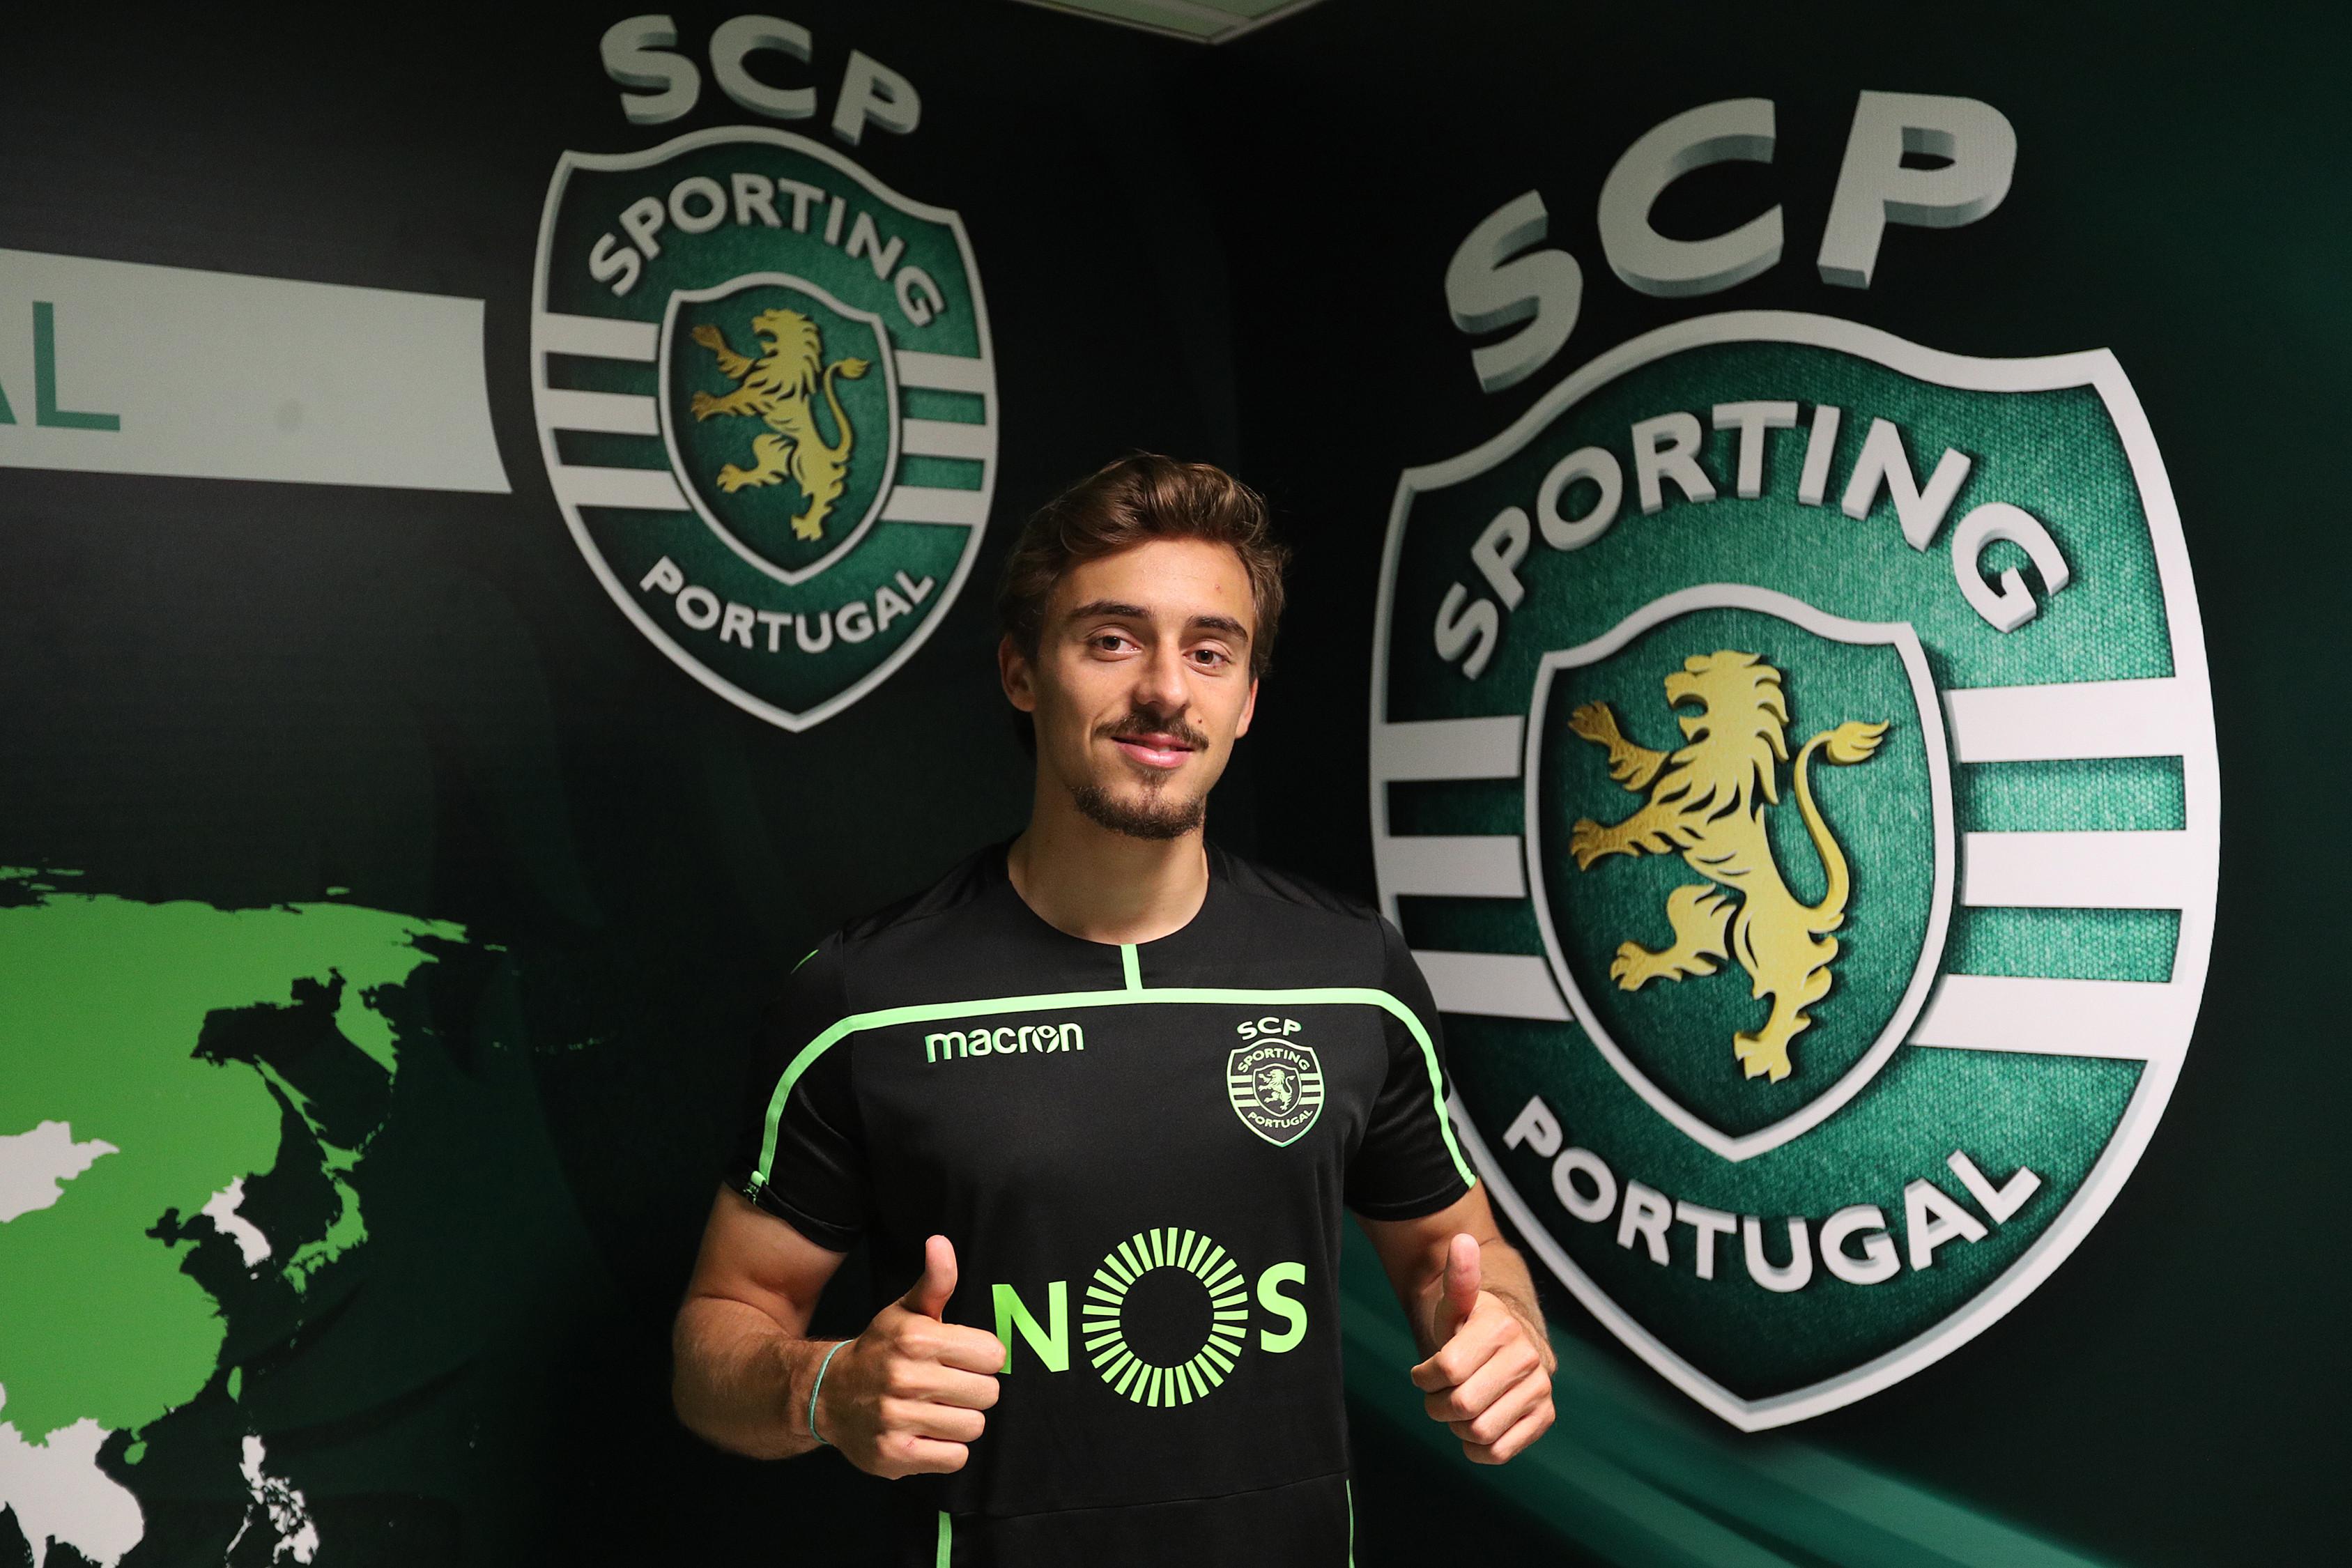 Oficial: Francisco Geraldes está de regresso ao Sporting